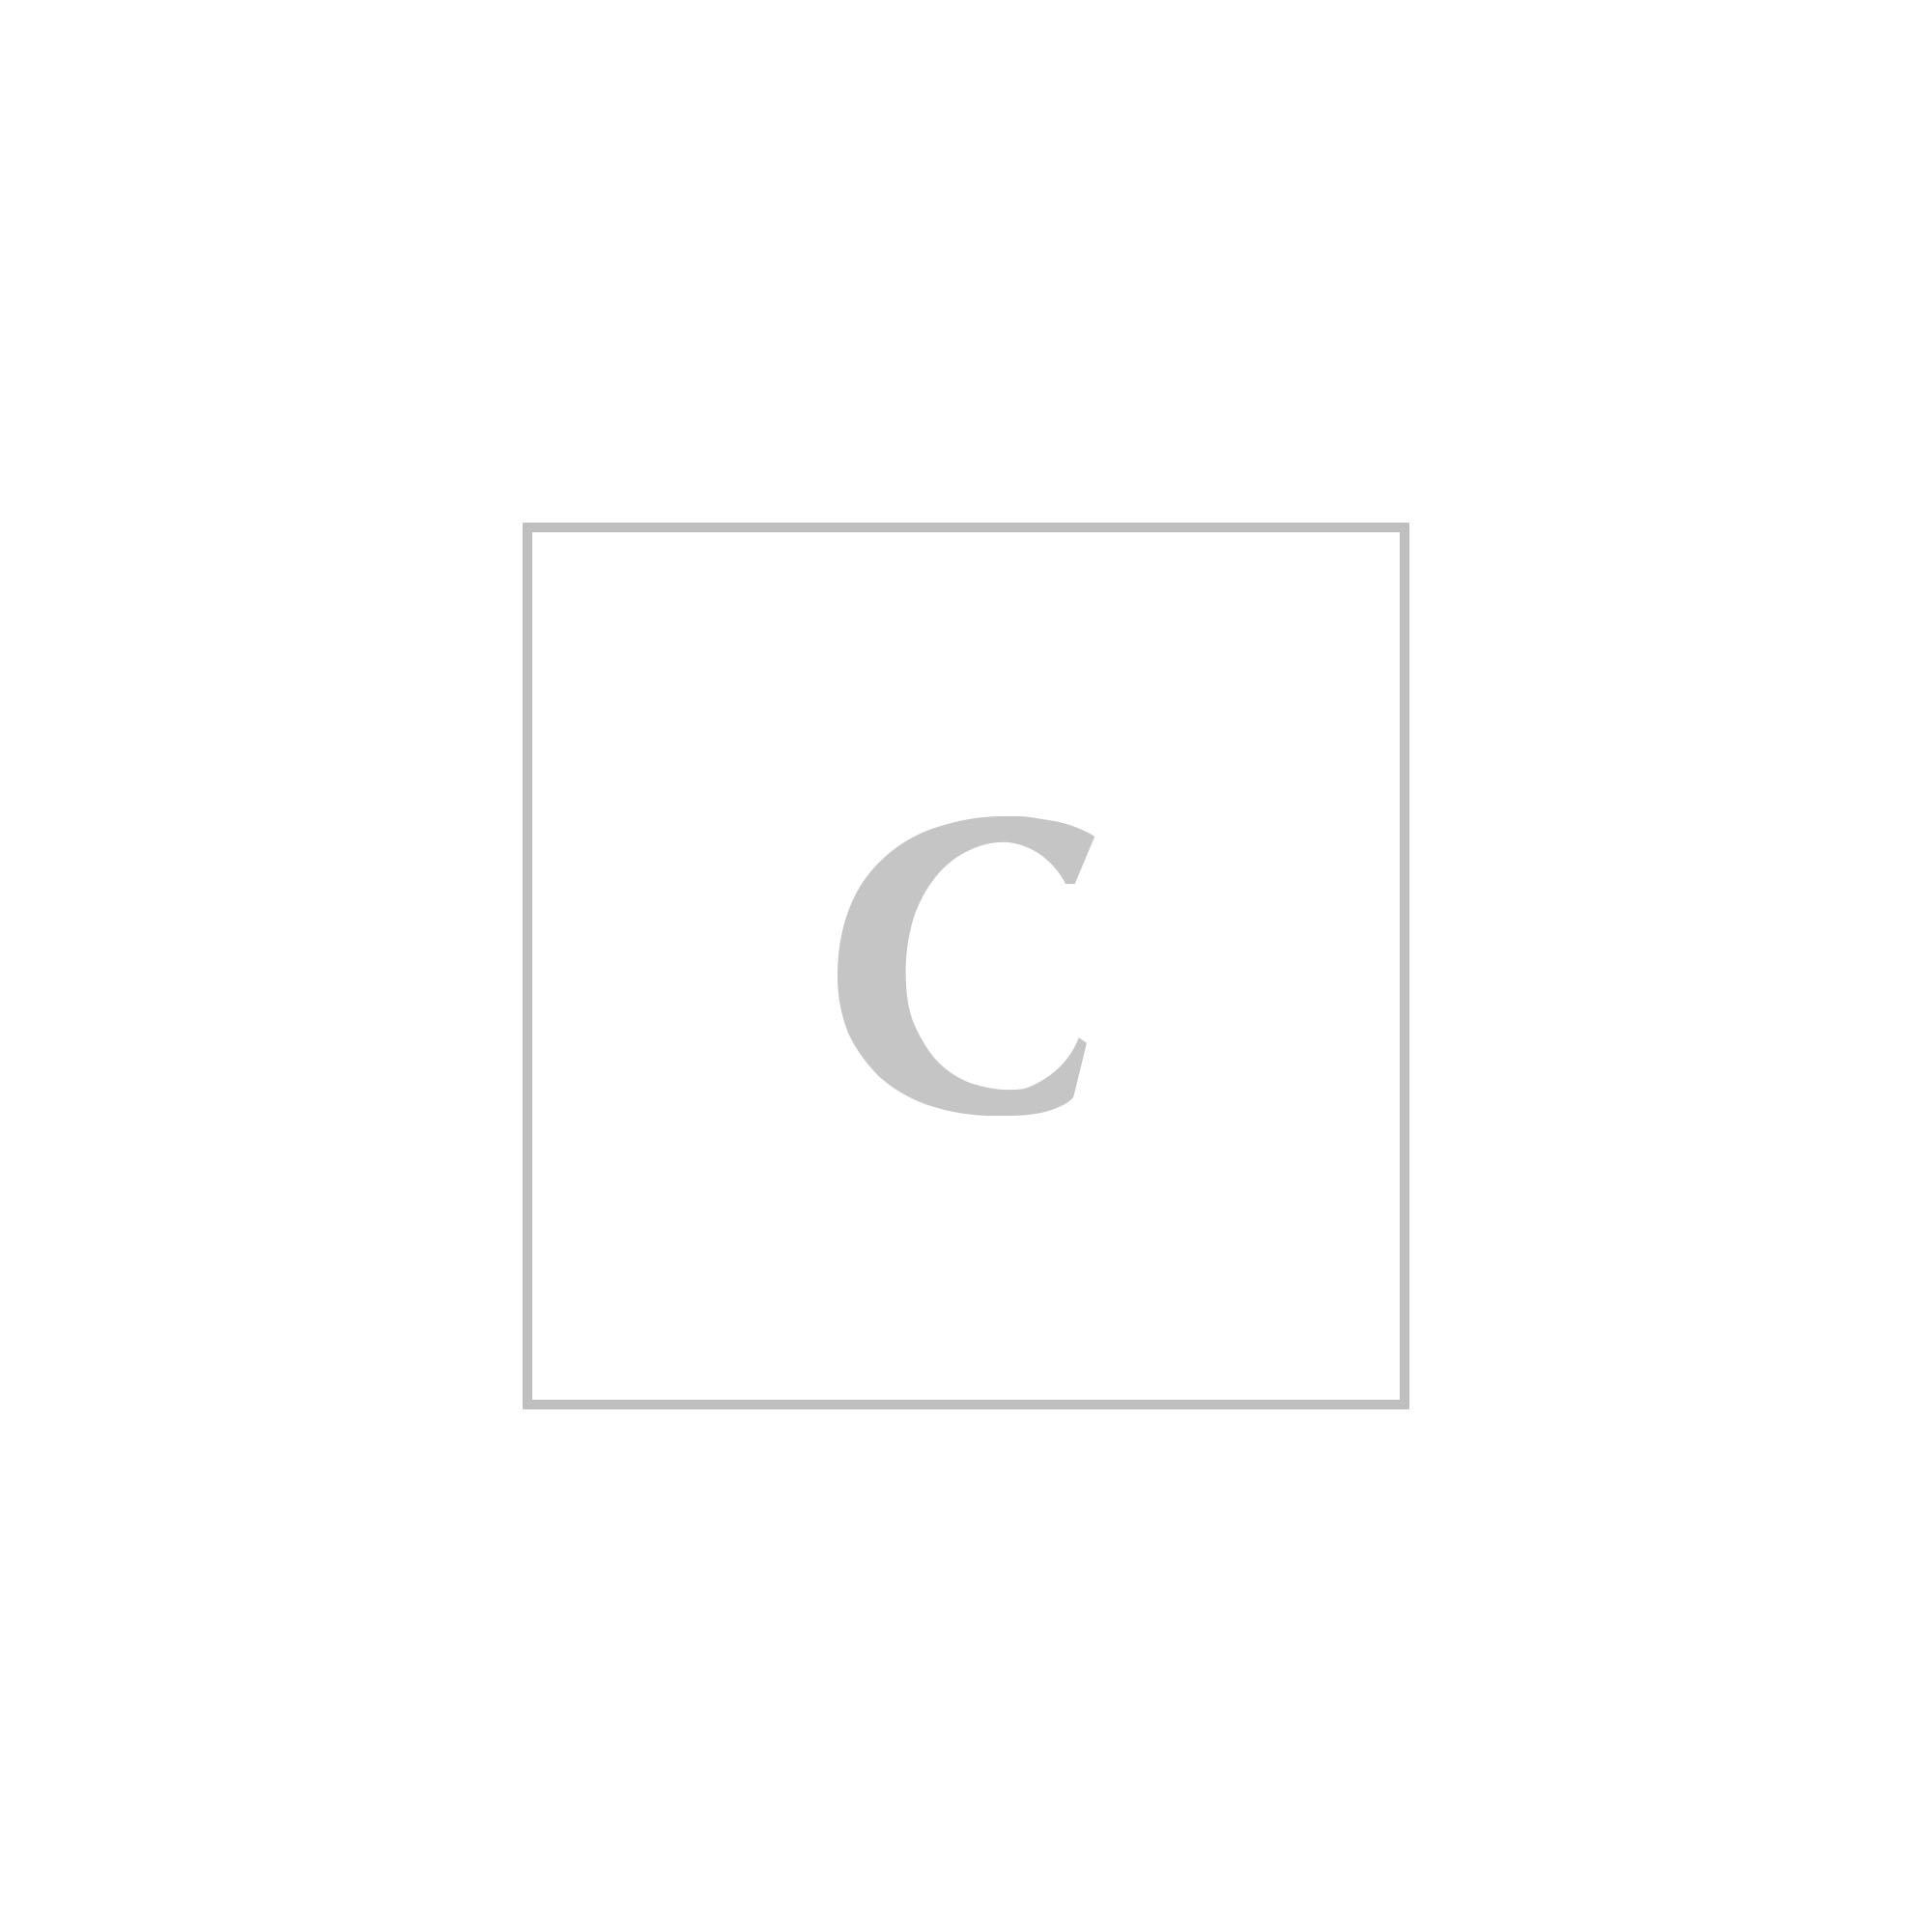 calvin klein established 1978 abbigliamento donna pullover con intarsi